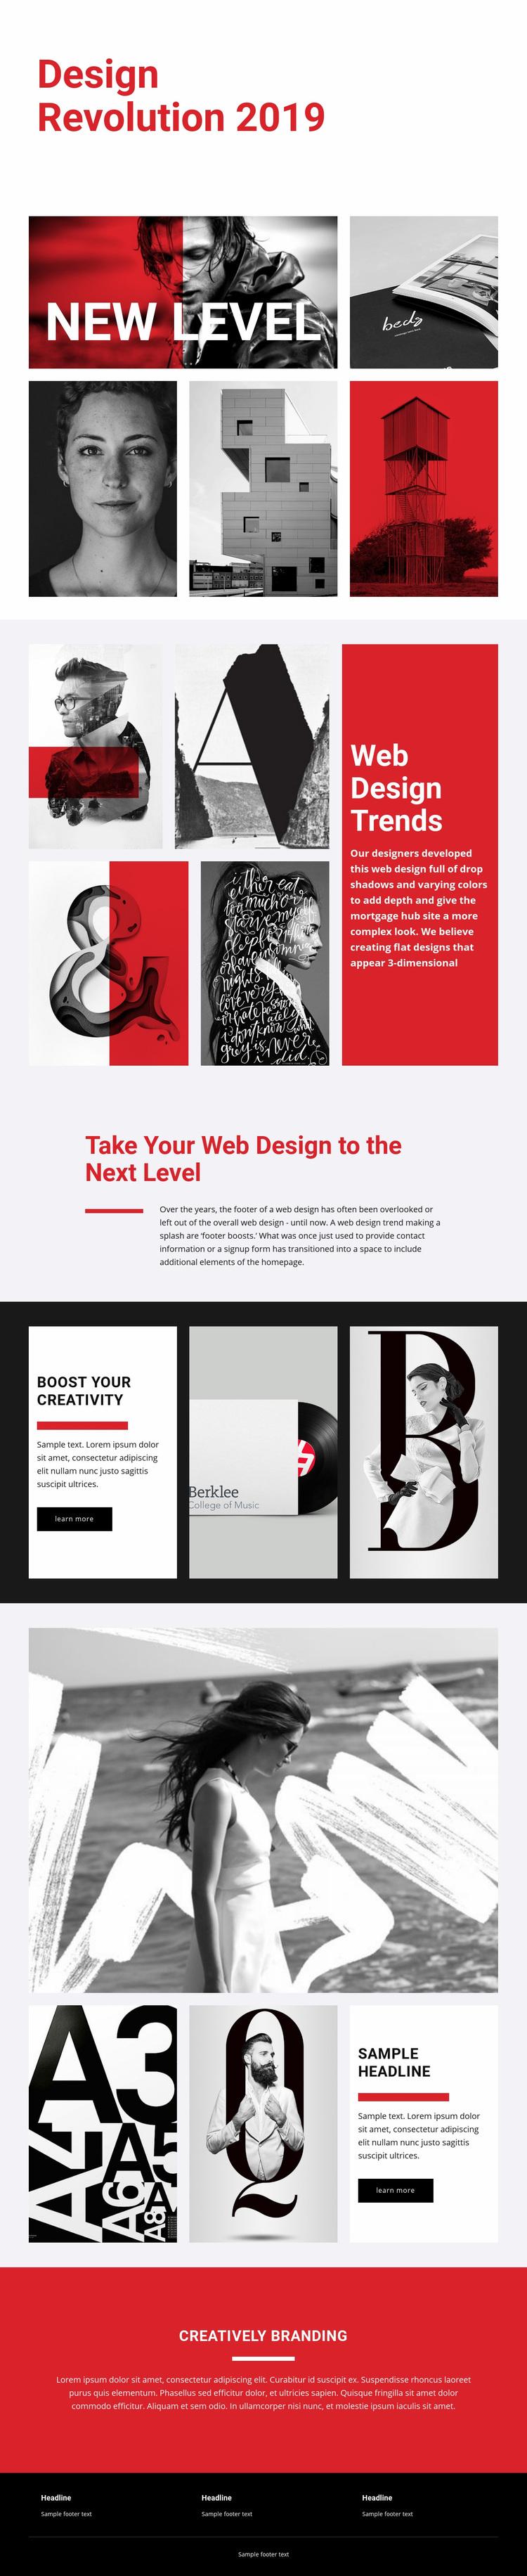 Revolution of designing art Web Page Designer